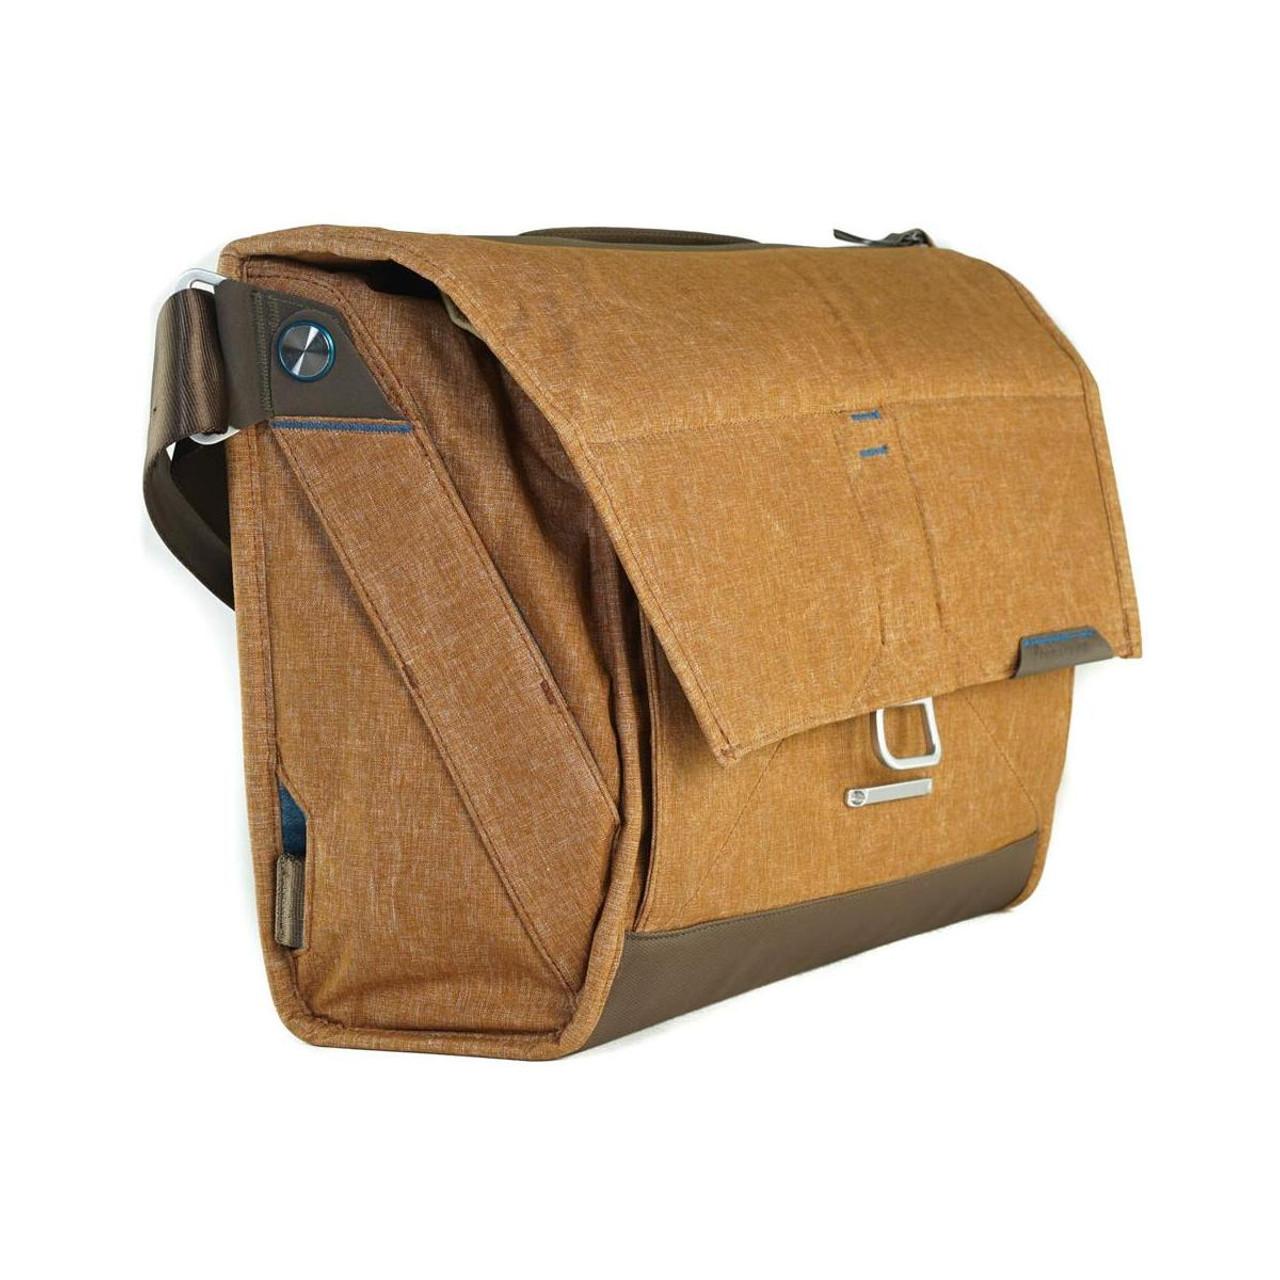 6520de4c4607 Peak Design The Everyday Messenger Shoulder Bag - Heritage Tan ...